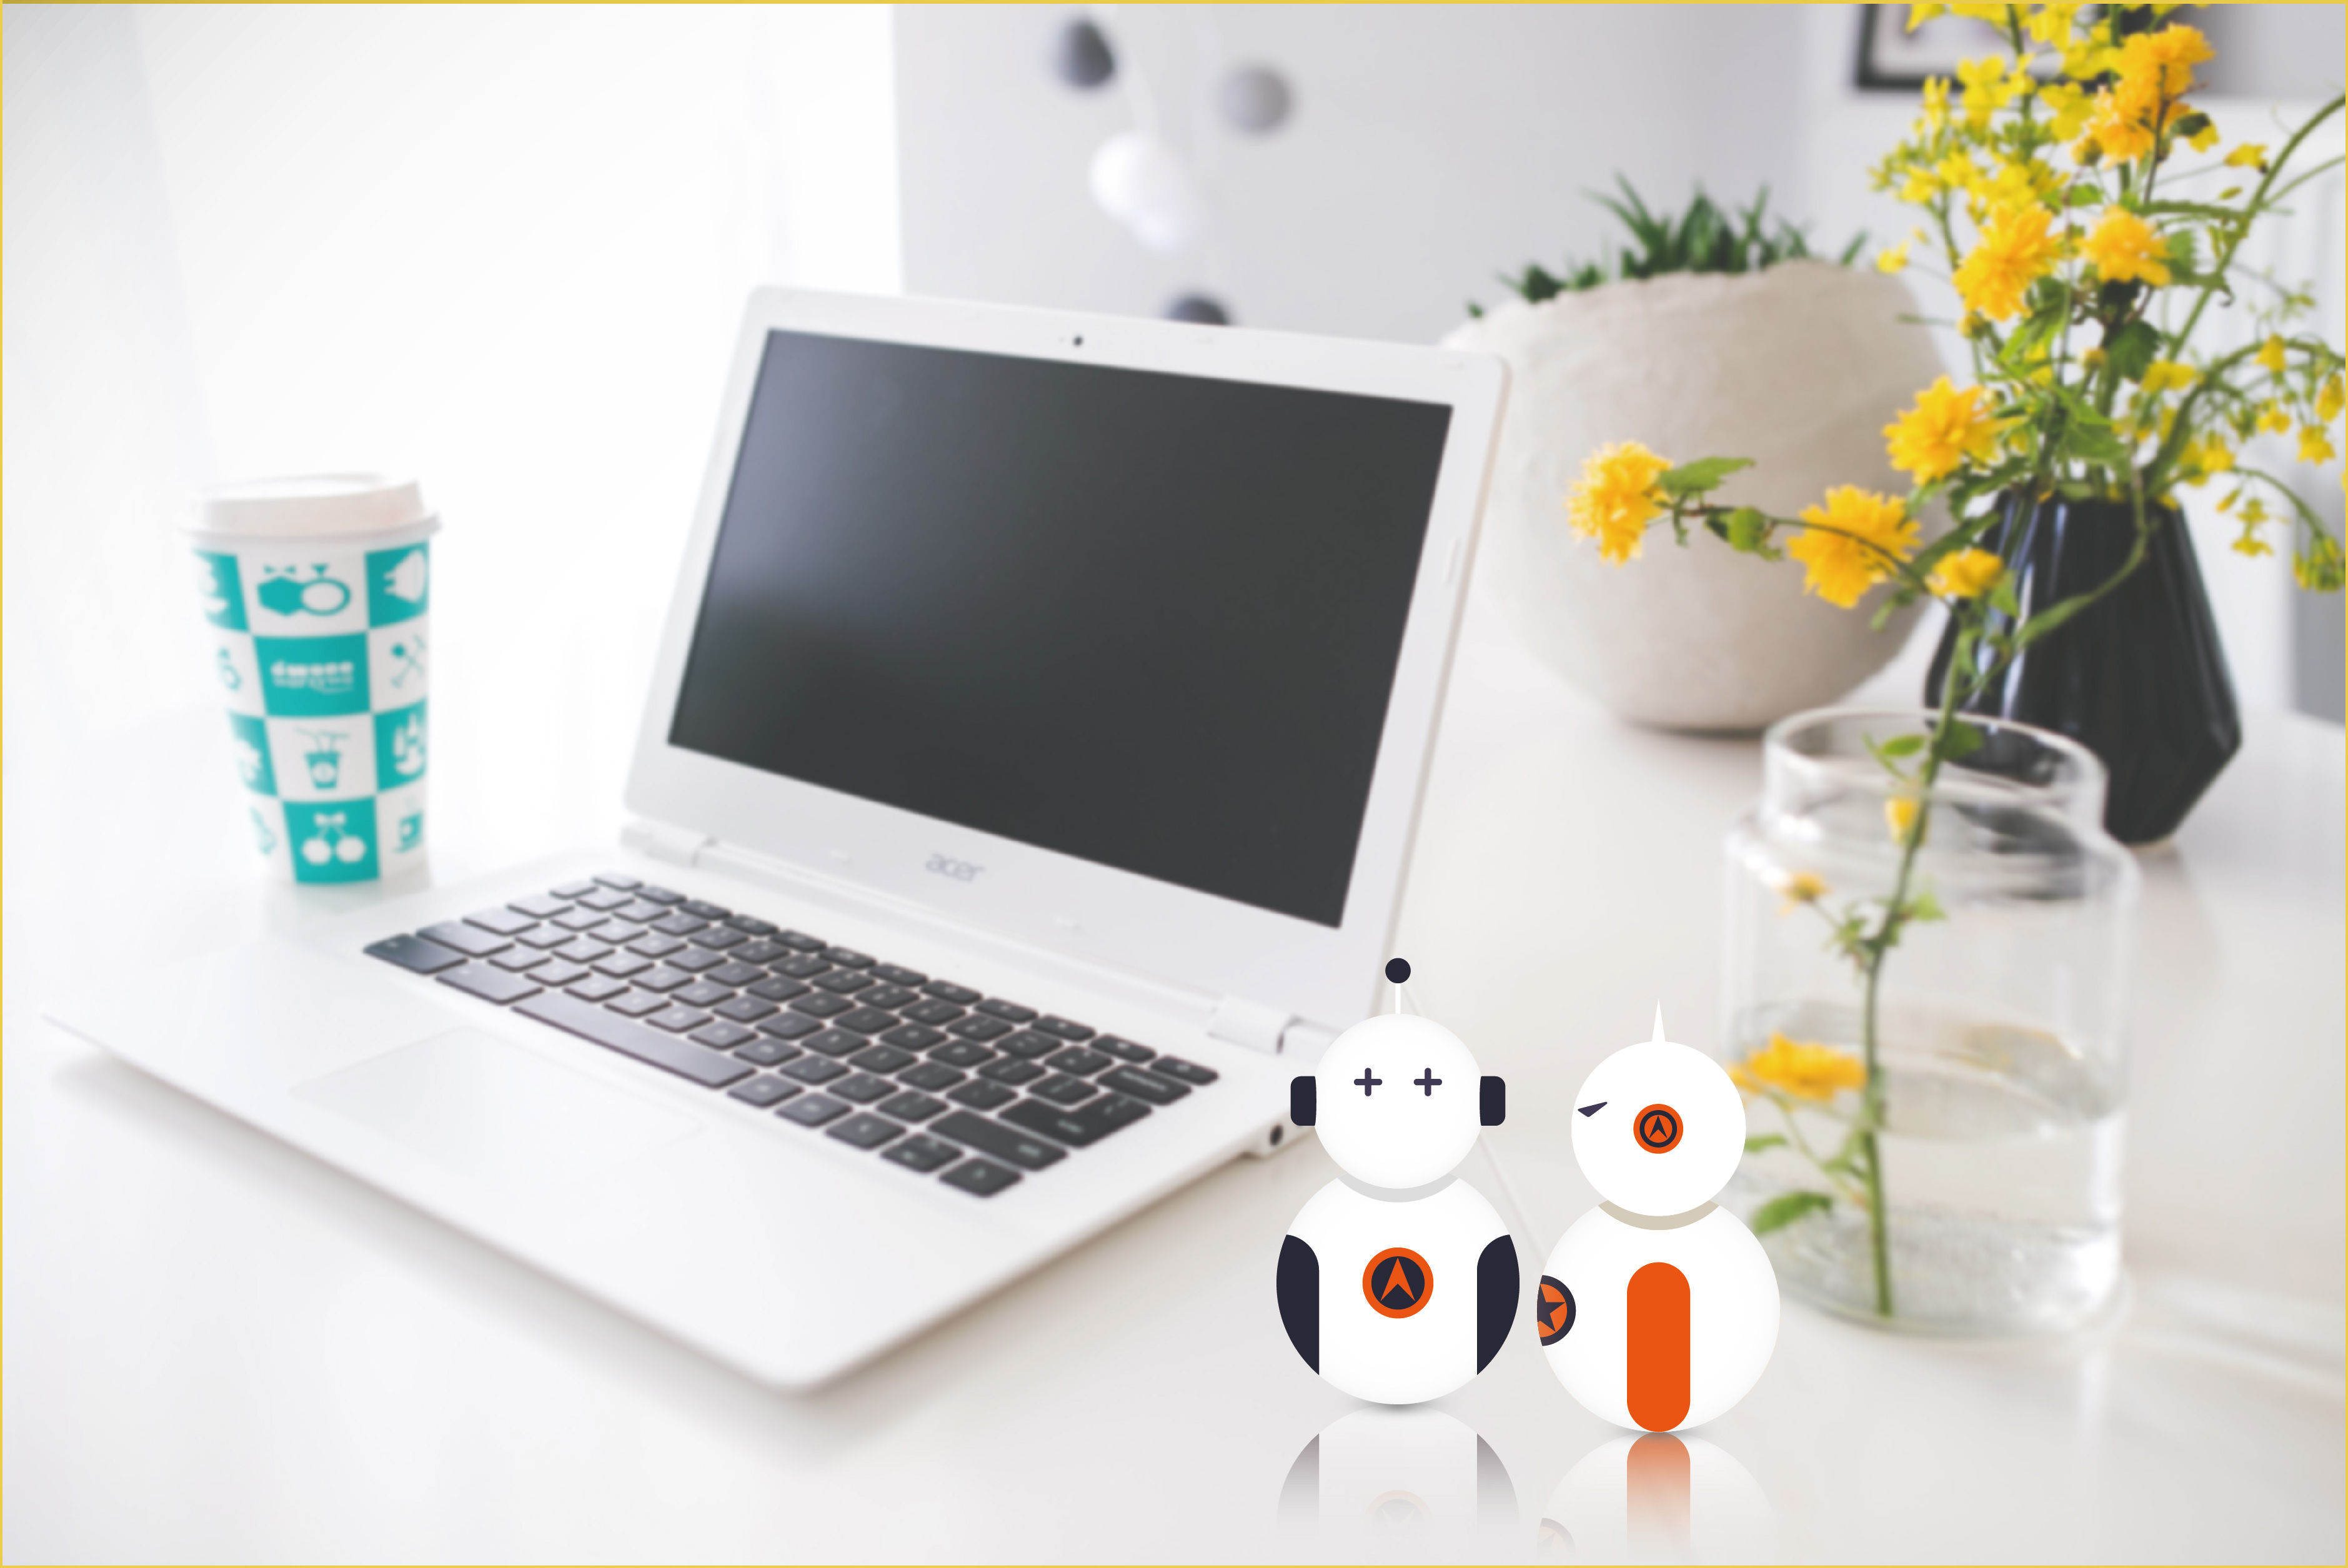 电脑_笔记本 笔记本电脑 3758_2510